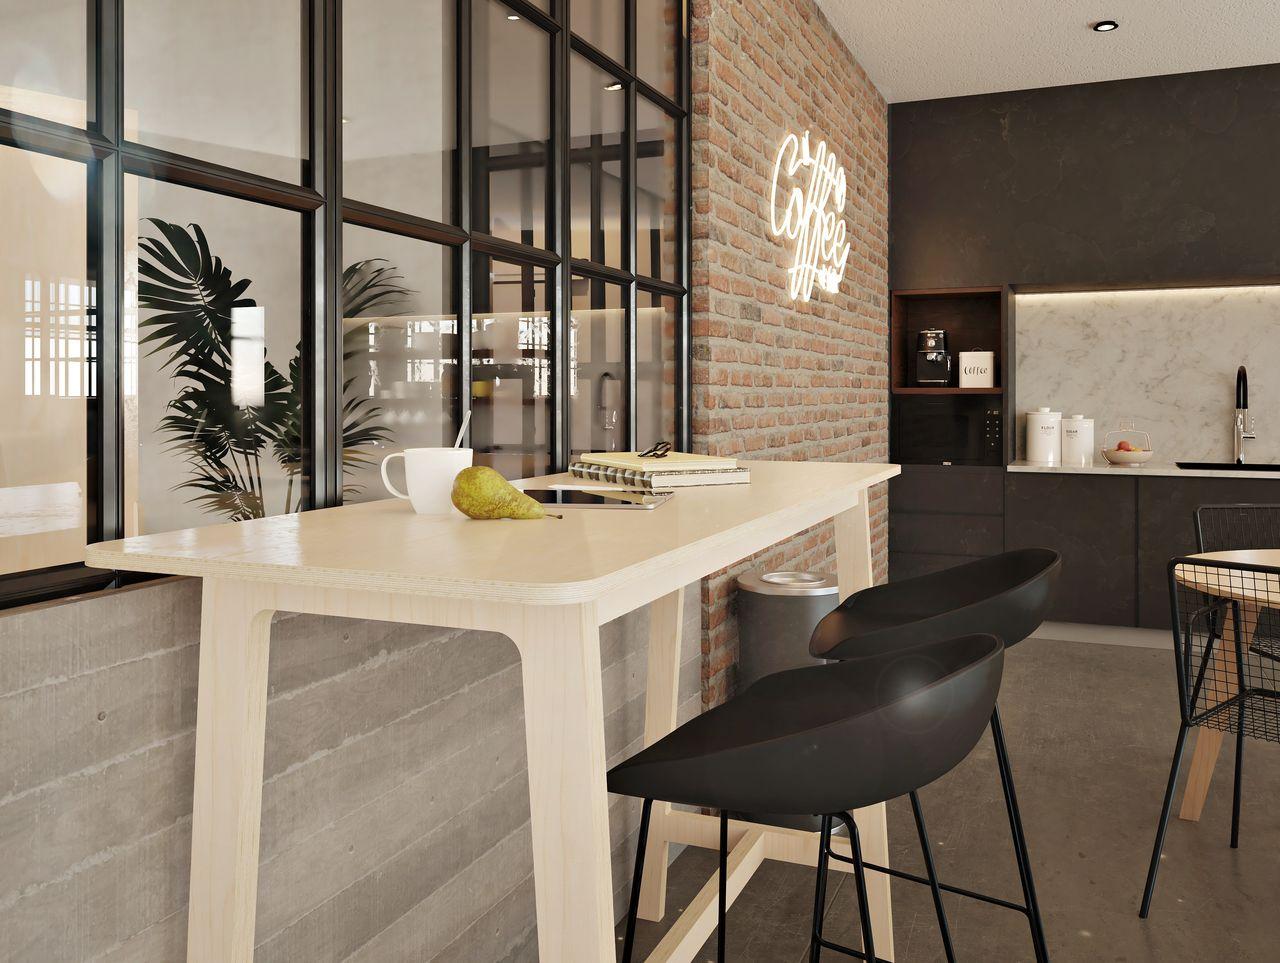 Mange debout rectangulaire pour 2 personnes disposée face à une verrière aux contours noirs dans une cafétéria au style et à l'ambiance industrielle avec des briques rouges et du métal noir